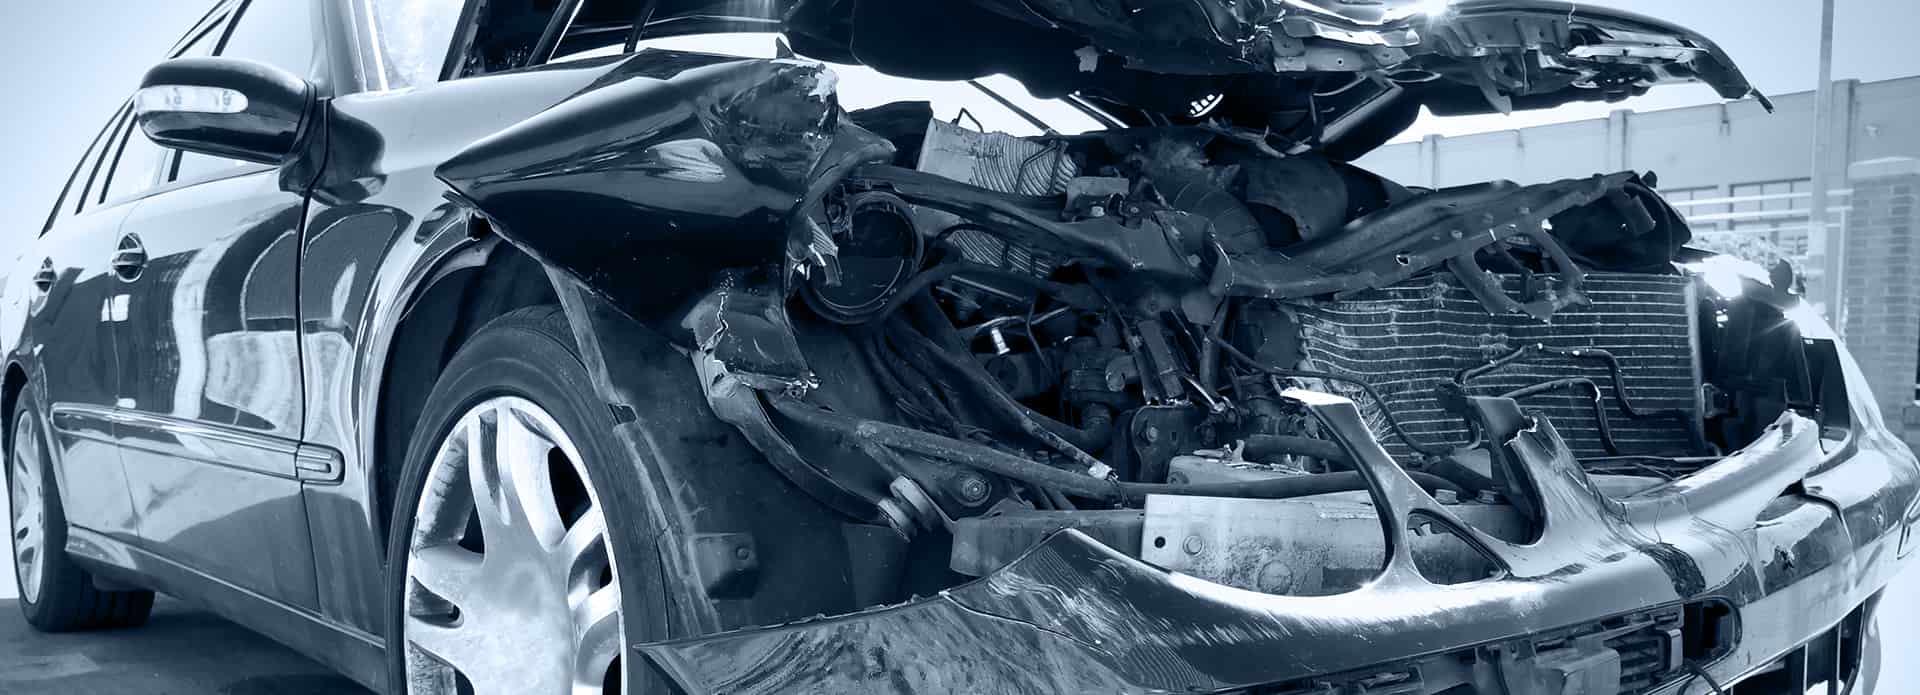 Samochód zniszczony z przodu oddany do skupu samochodów powypadkowych w poznaniu